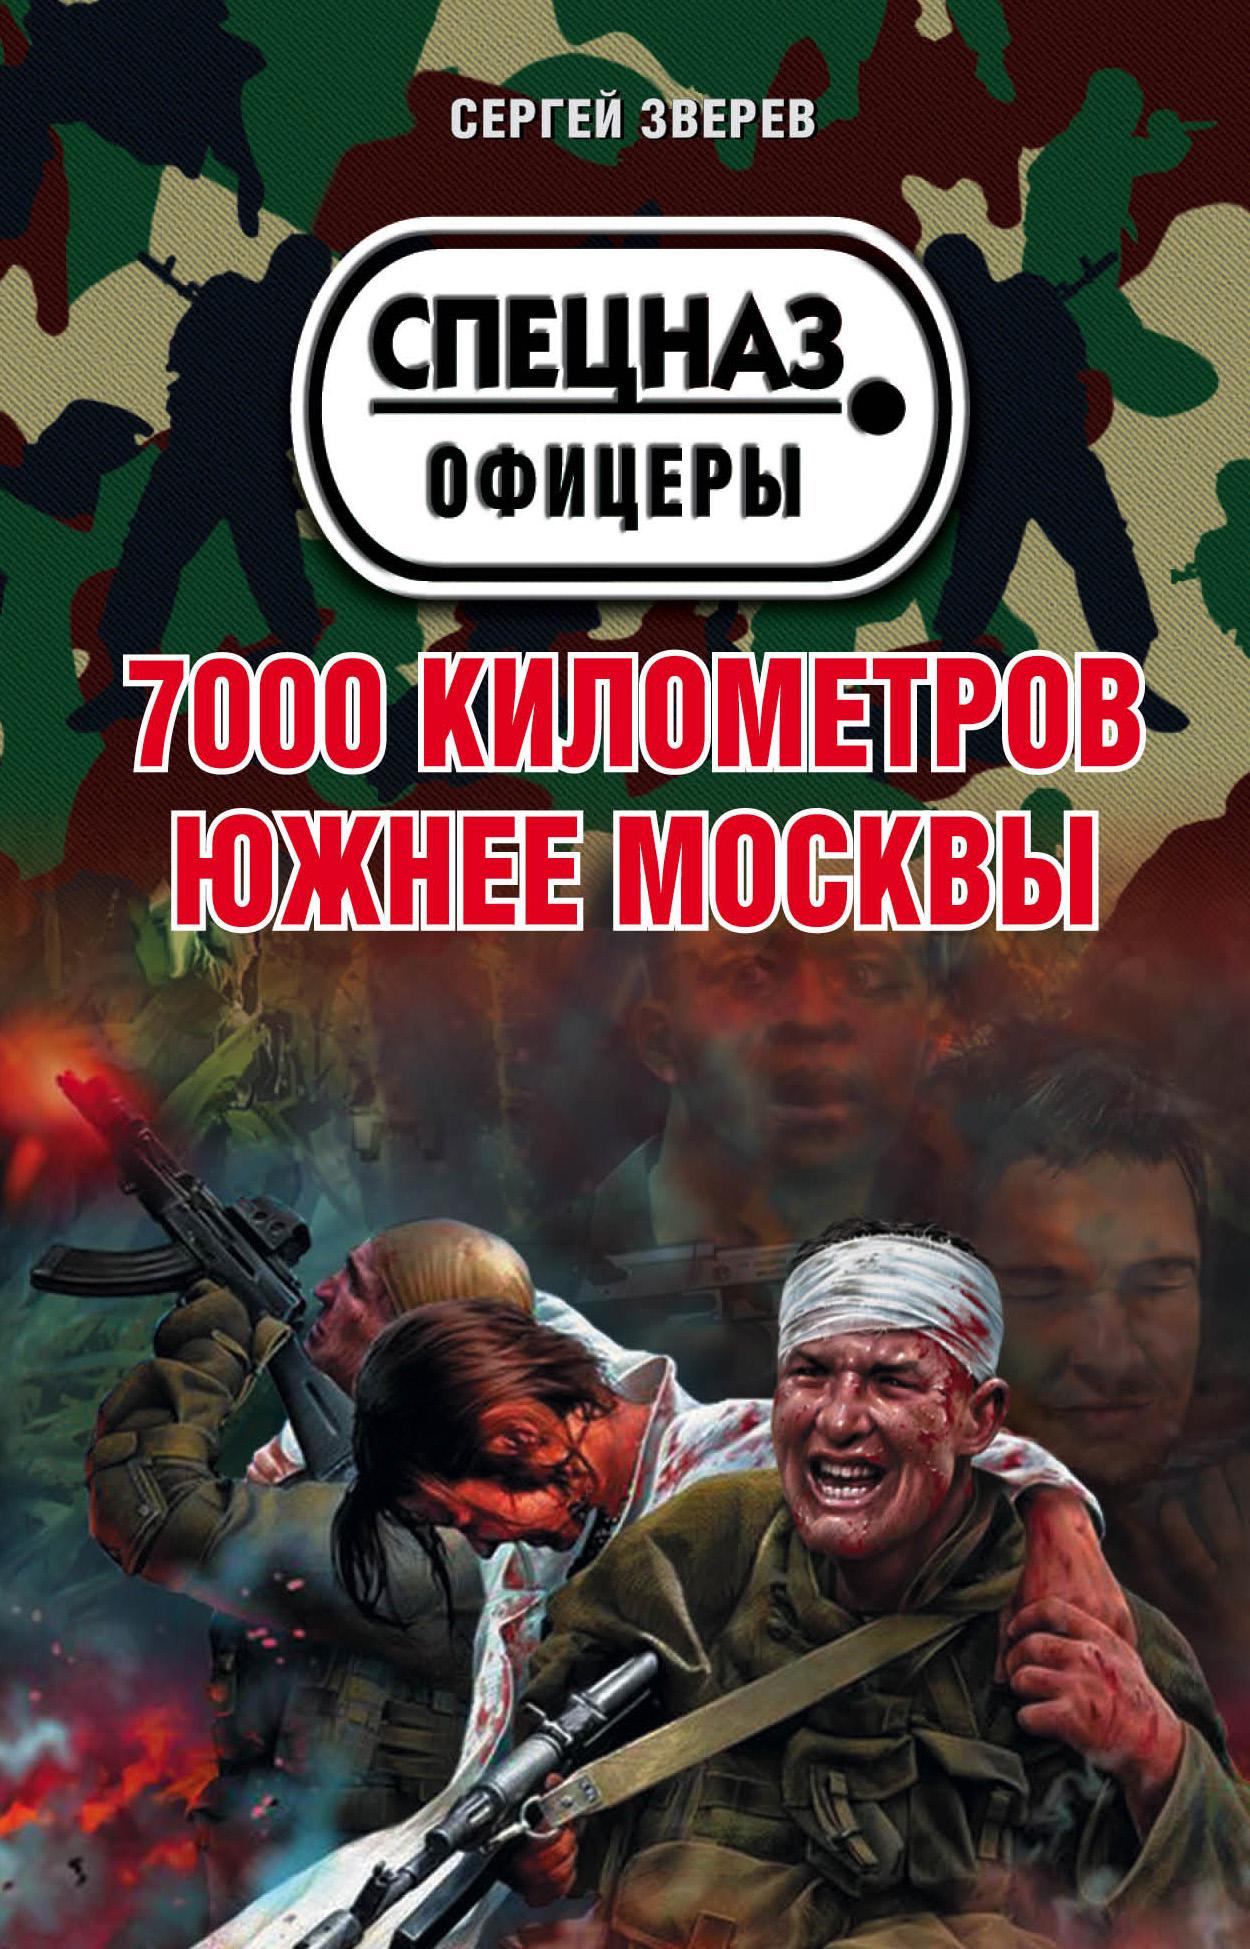 Сергей Зверев 7000 километров южнее Москвы 200 дней на юг автостопом из москвы в южную африку